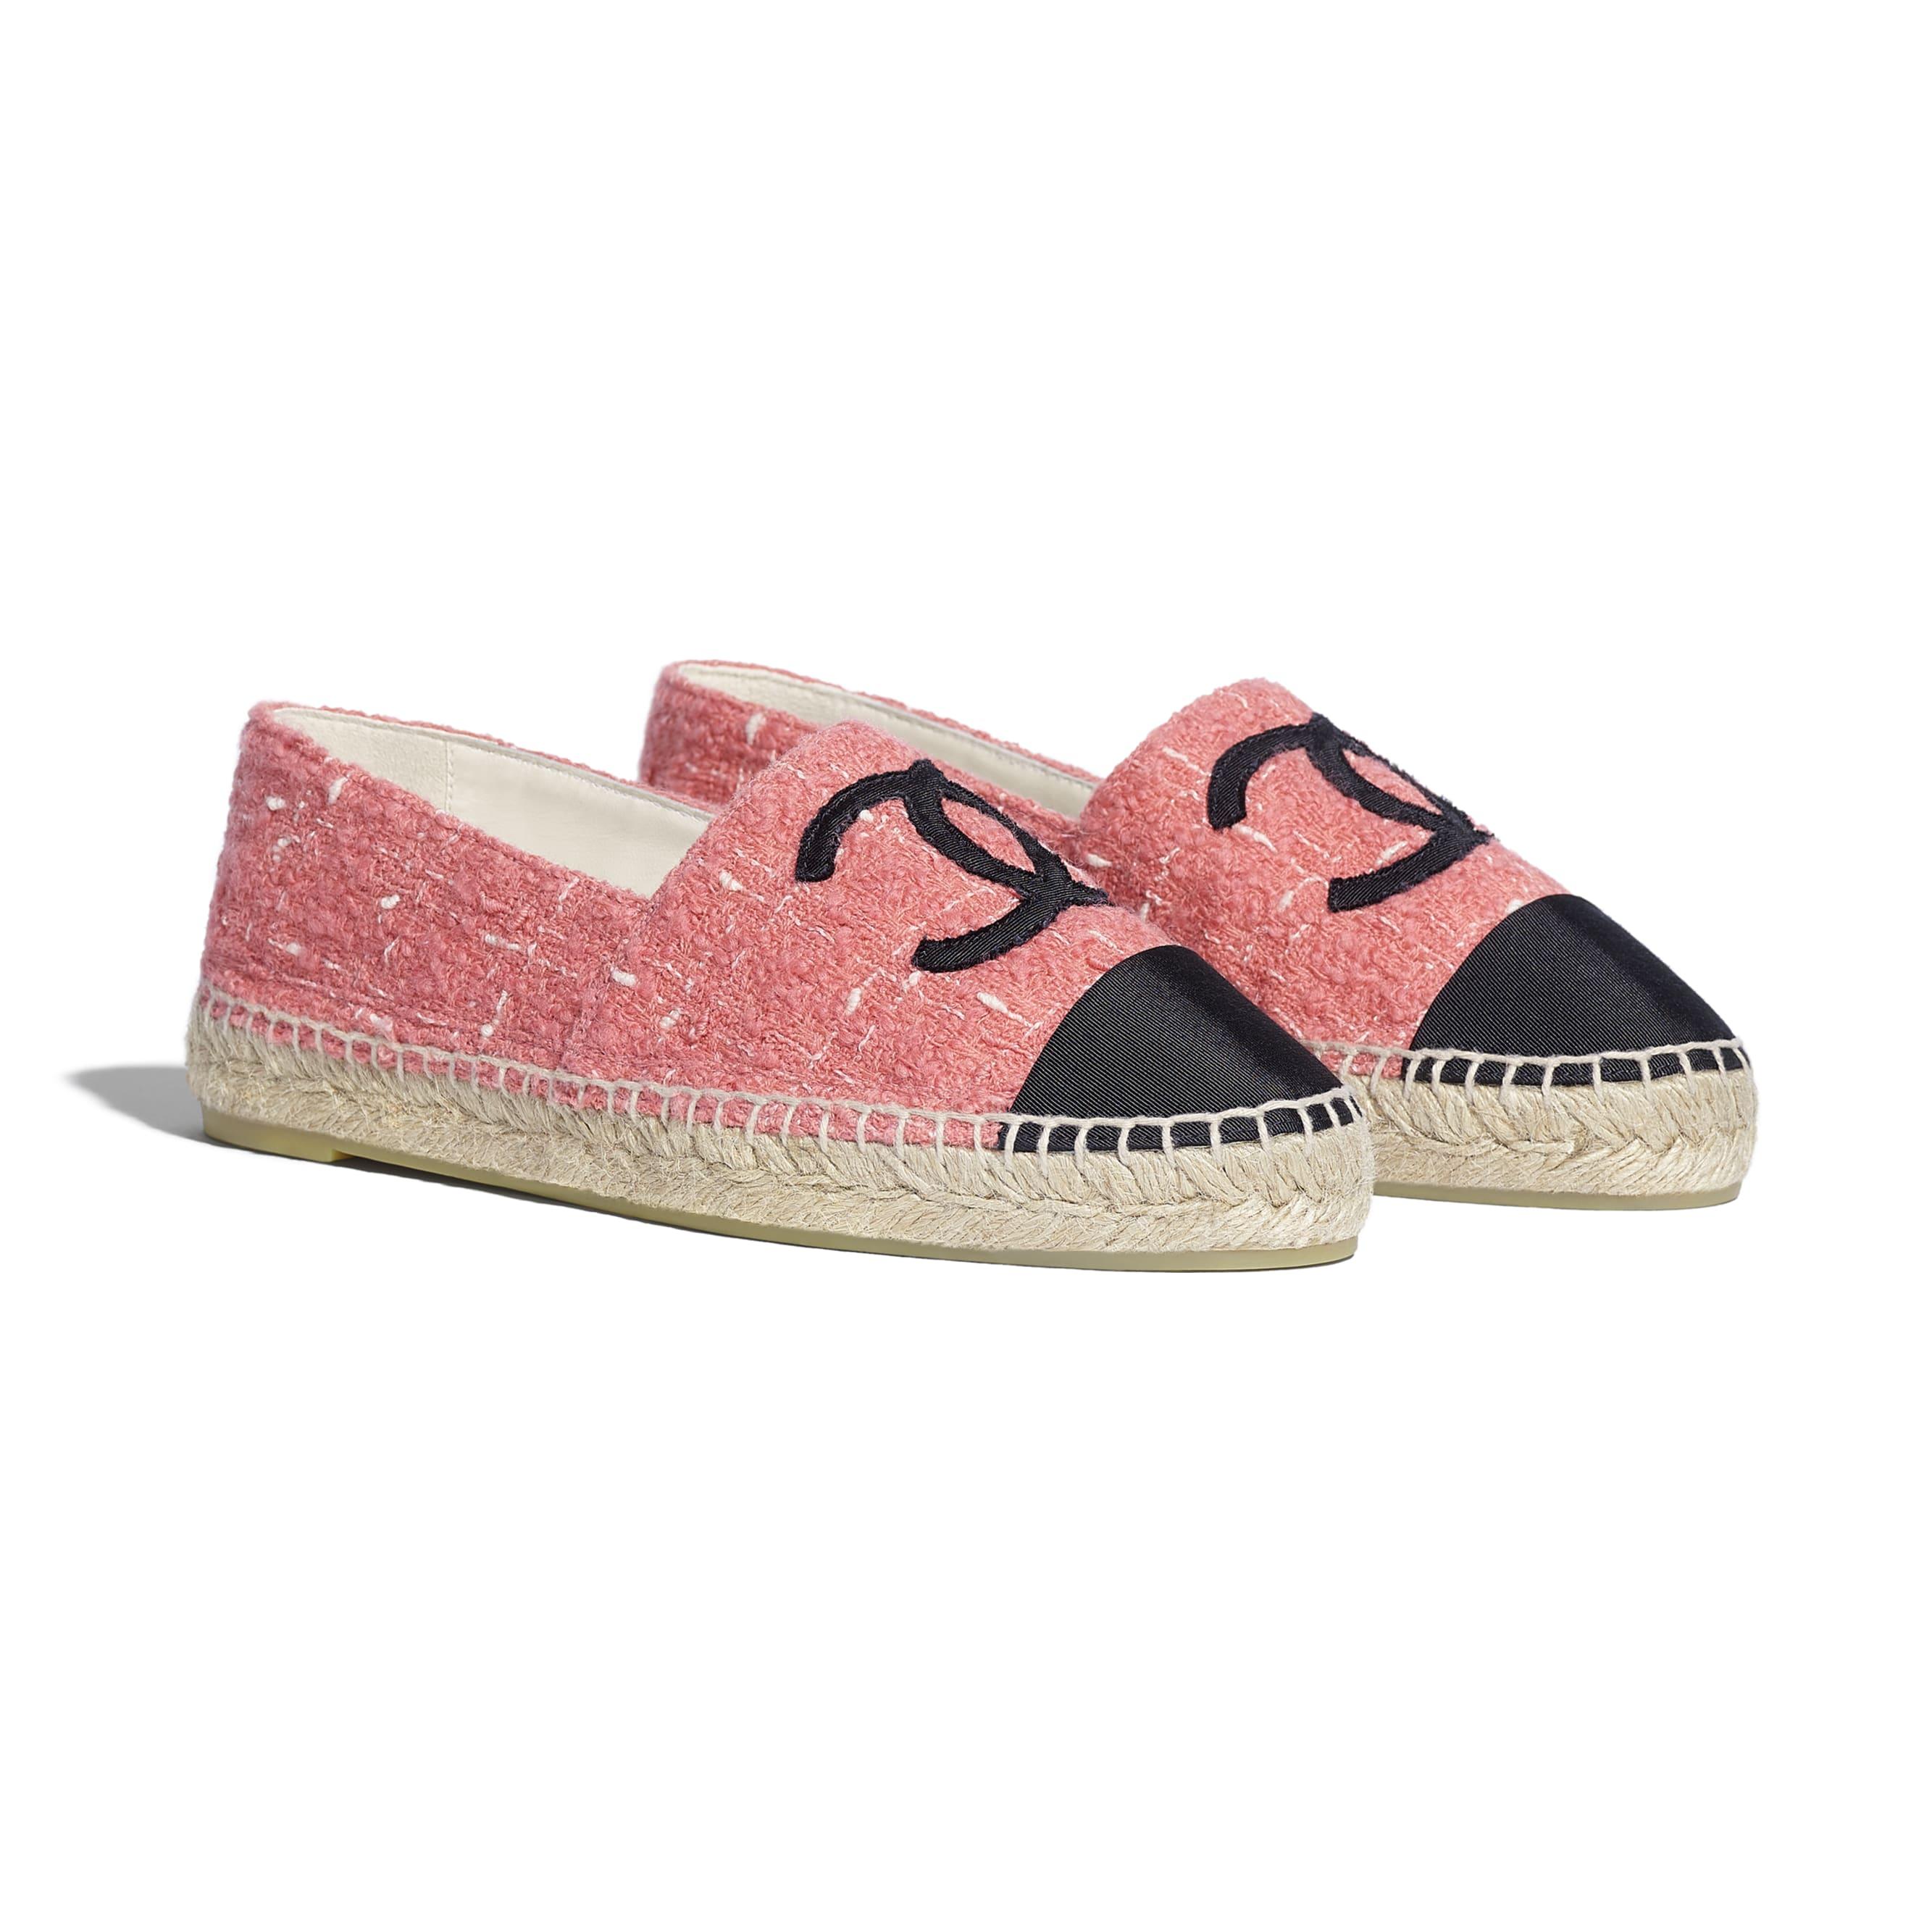 Espadrilles - Pink & Black - Tweed & Grosgrain - CHANEL - Alternative view - see standard sized version